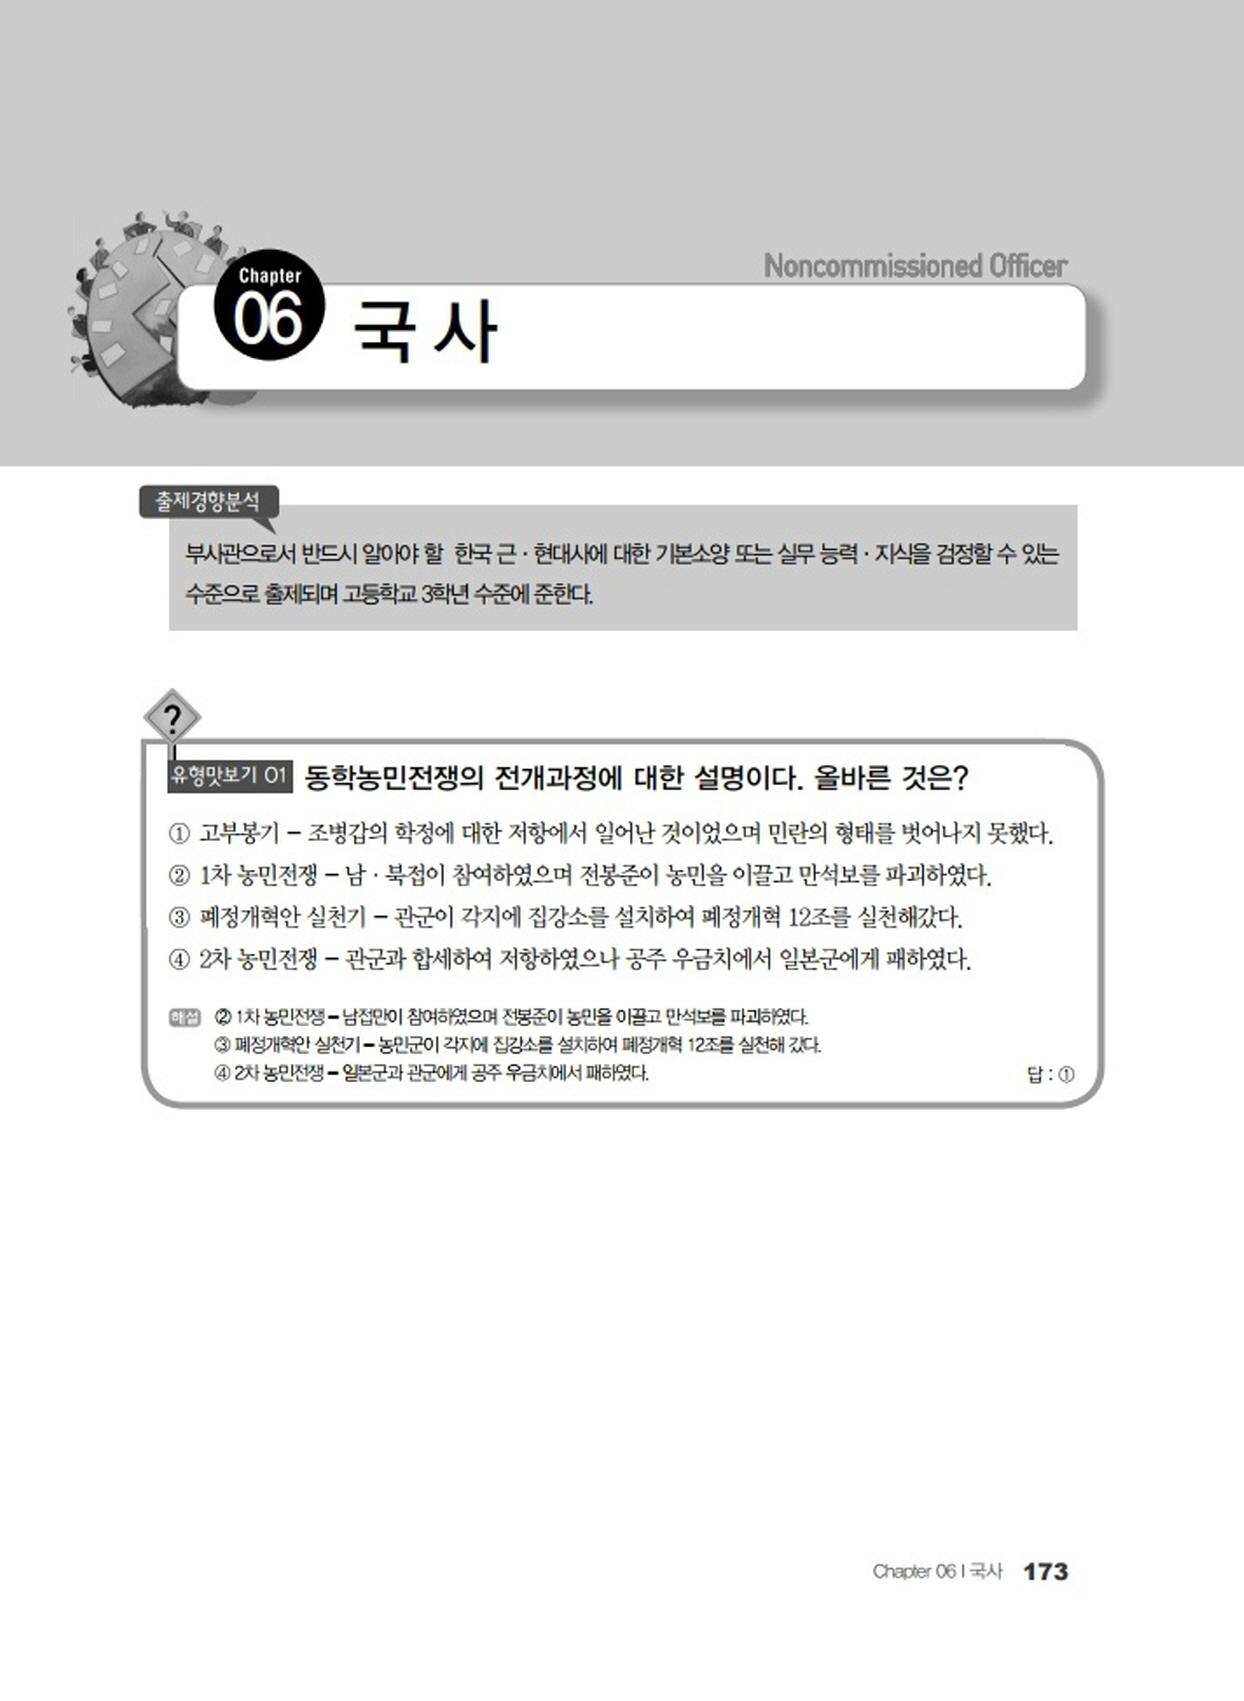 bfa3111565080e9f48919636fa4c3464_1529052